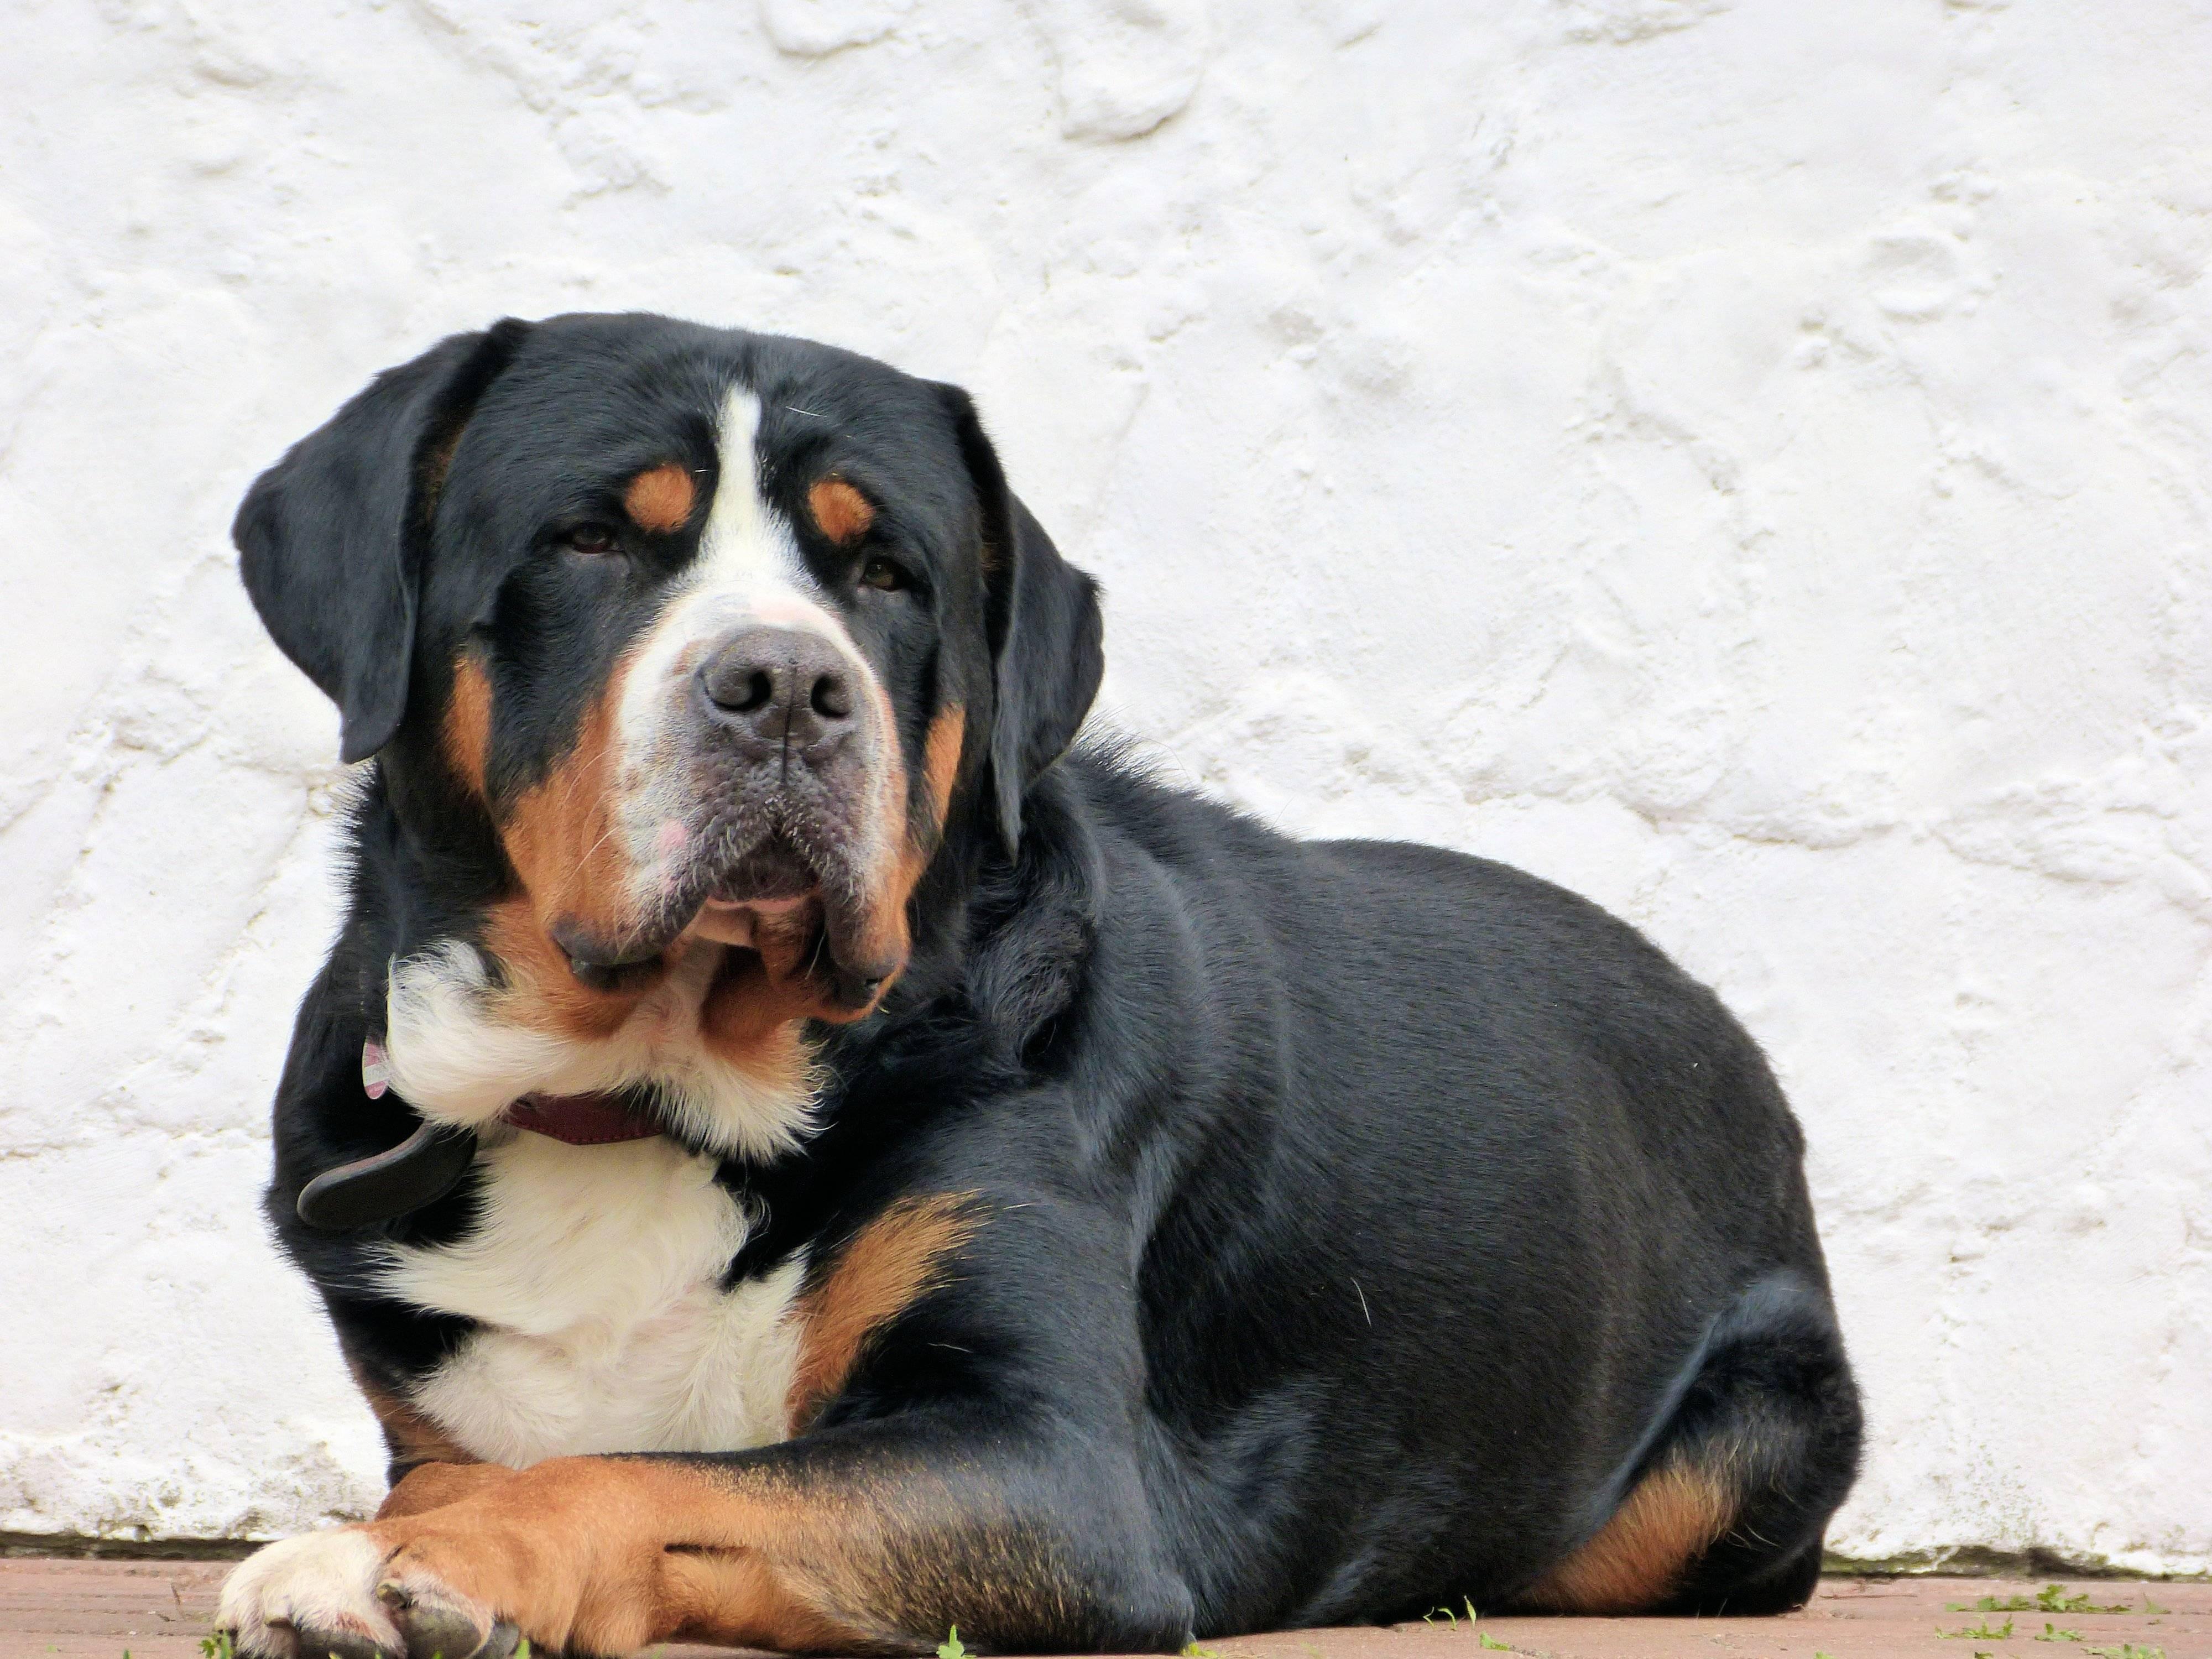 Большая швейцарская горная пастушья собака (большой швейцарский зенненхунд) с описанием породы